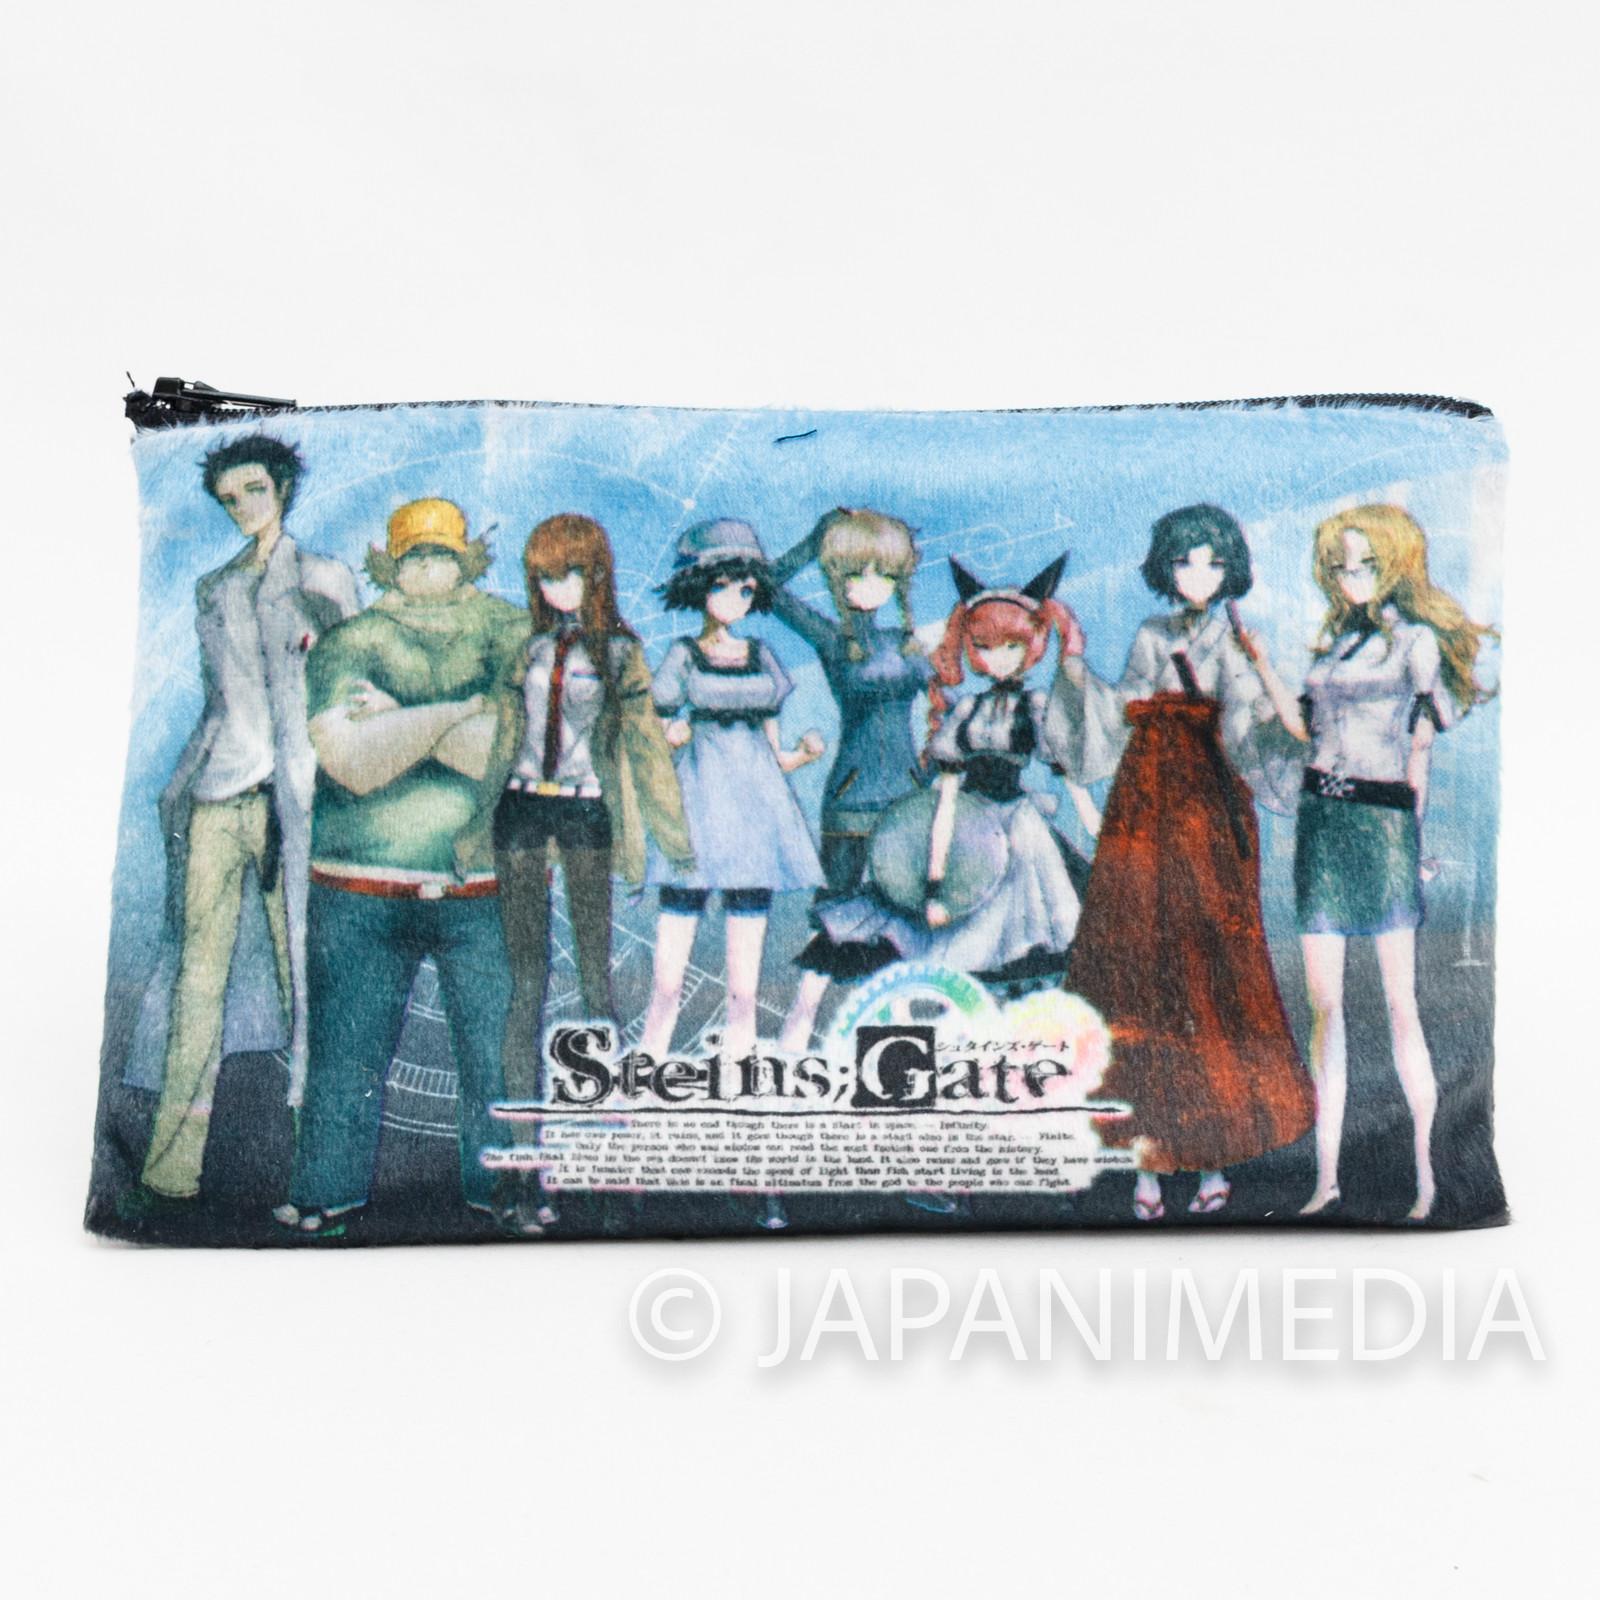 Steins ; Gate Kurisu Mayuri Okarin Pouch mini bag Taito Kuji JAPAN ANIME NO BOX